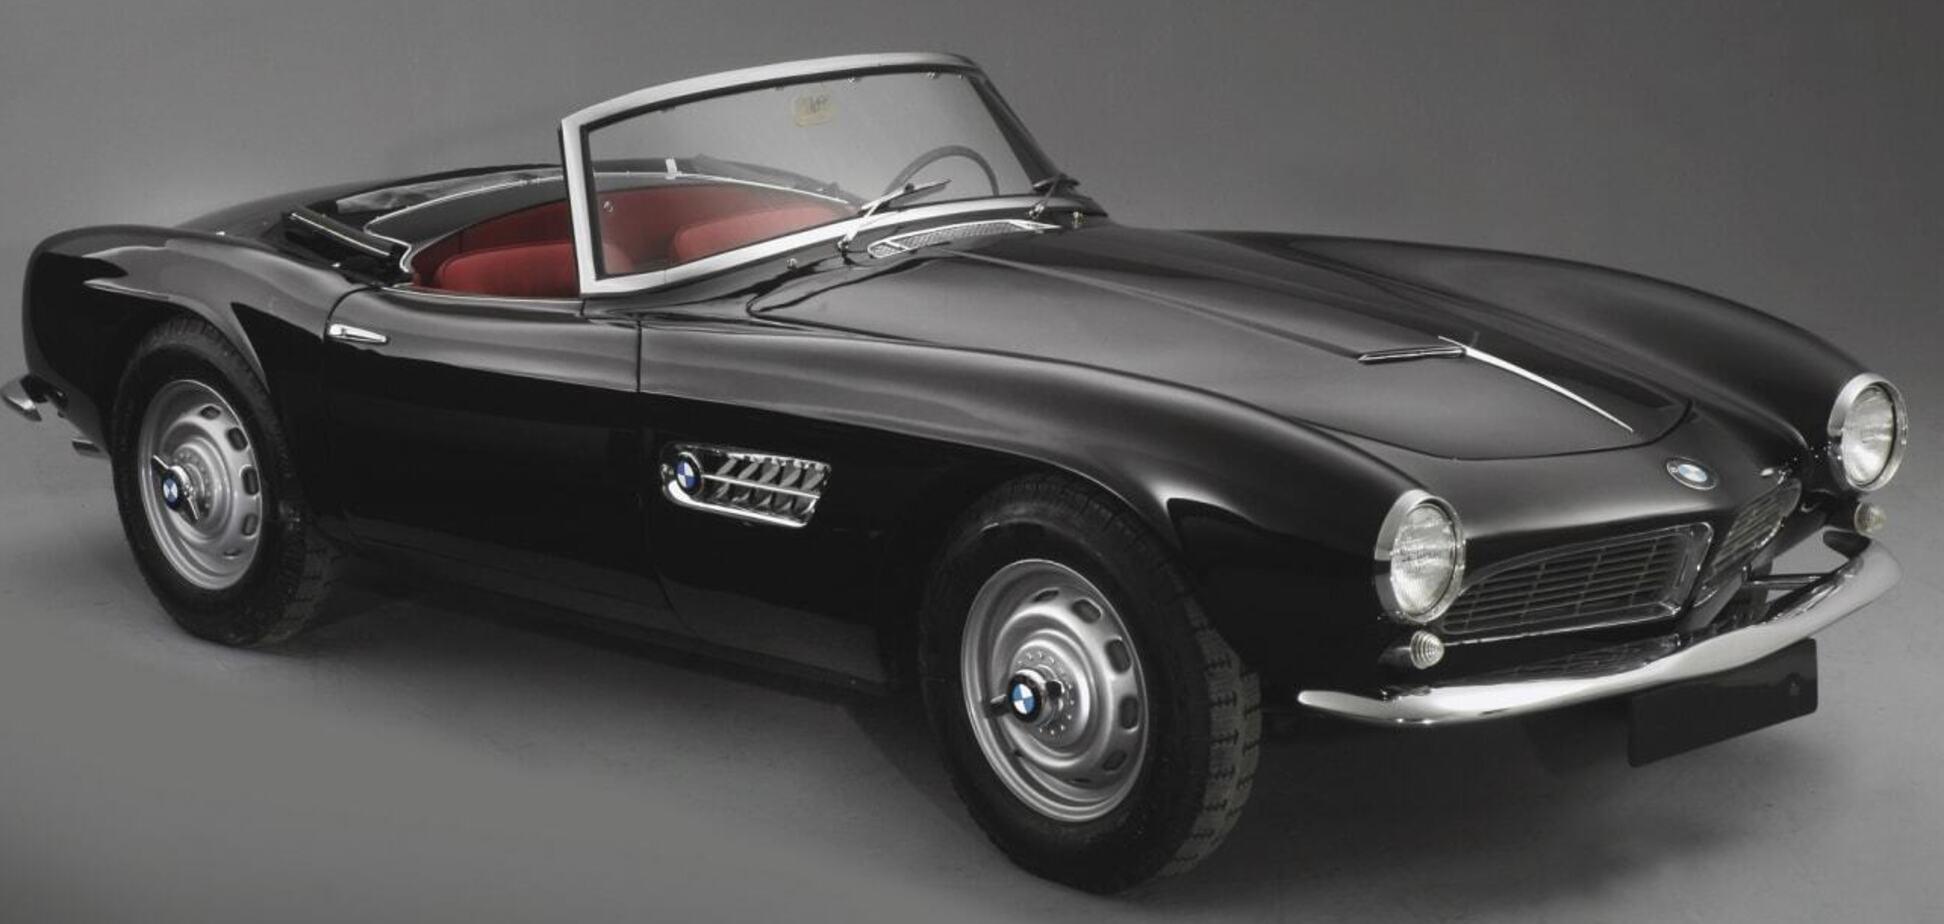 У періоді з 1956 по 1959 рік BMW випустила лише 250 родстерів 507 через поганий продаж. Джерело: Фото: CNBC